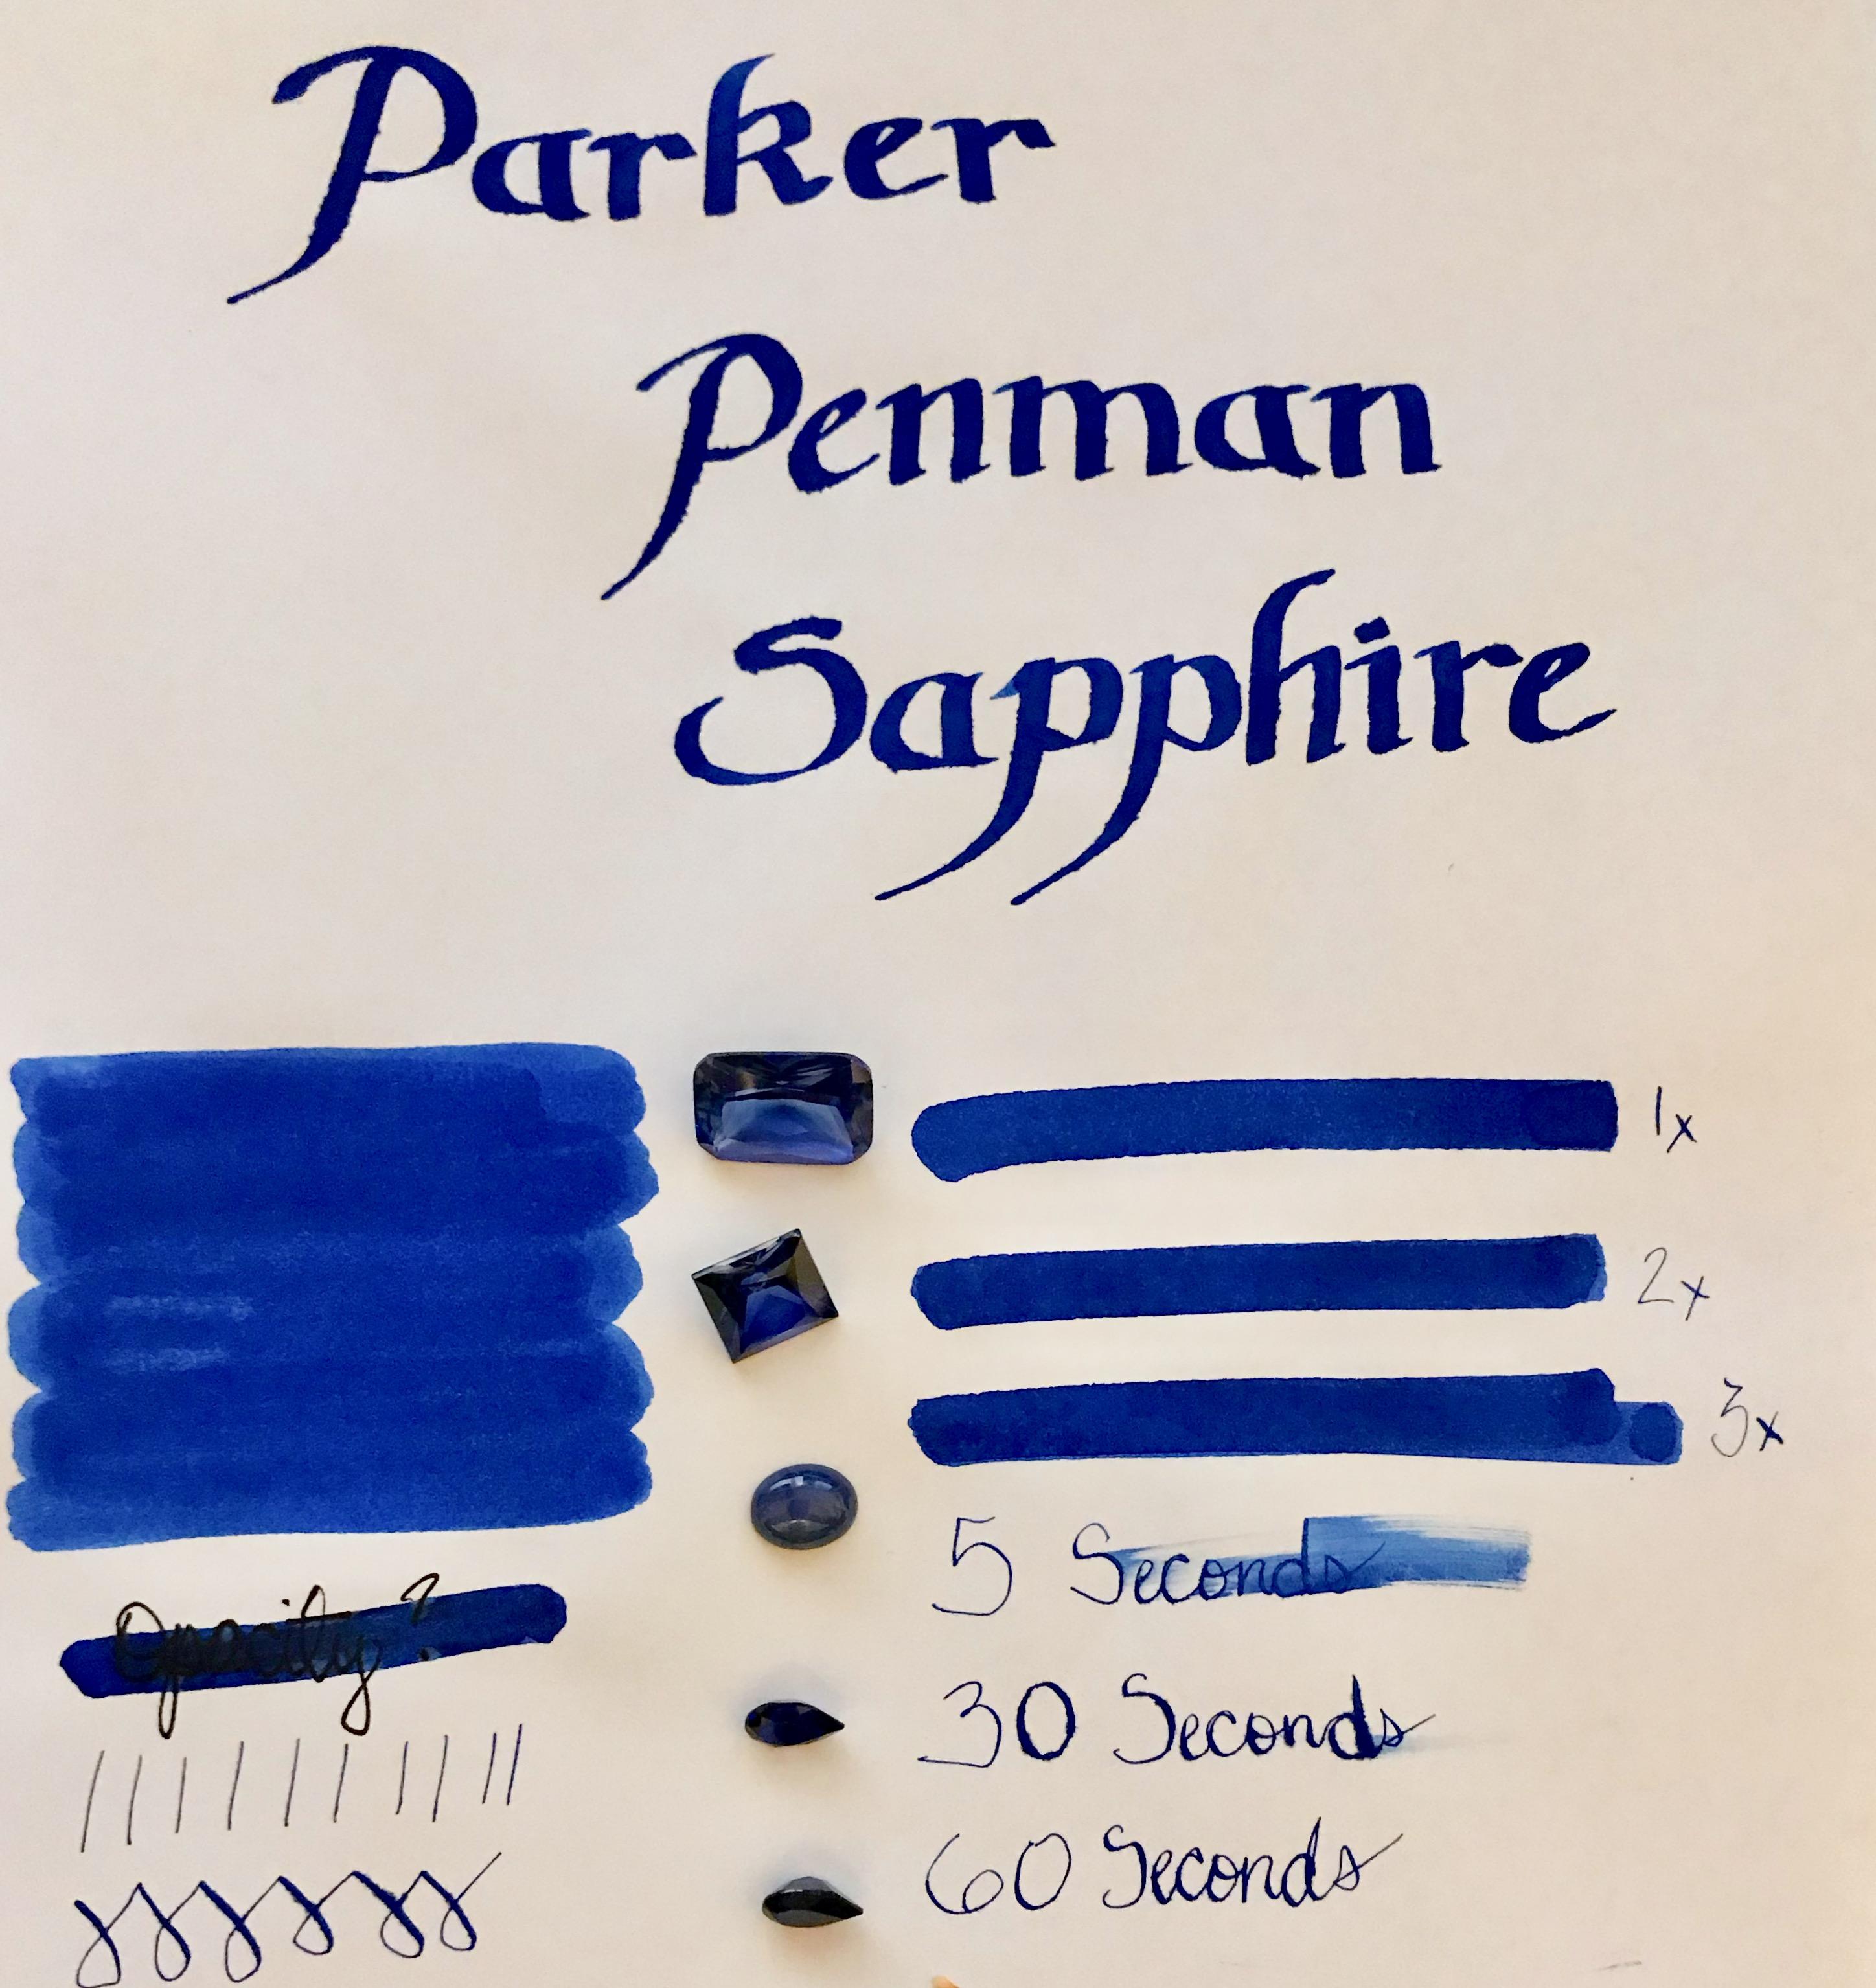 fpn_1568089155__parker_penman_sapphire.j